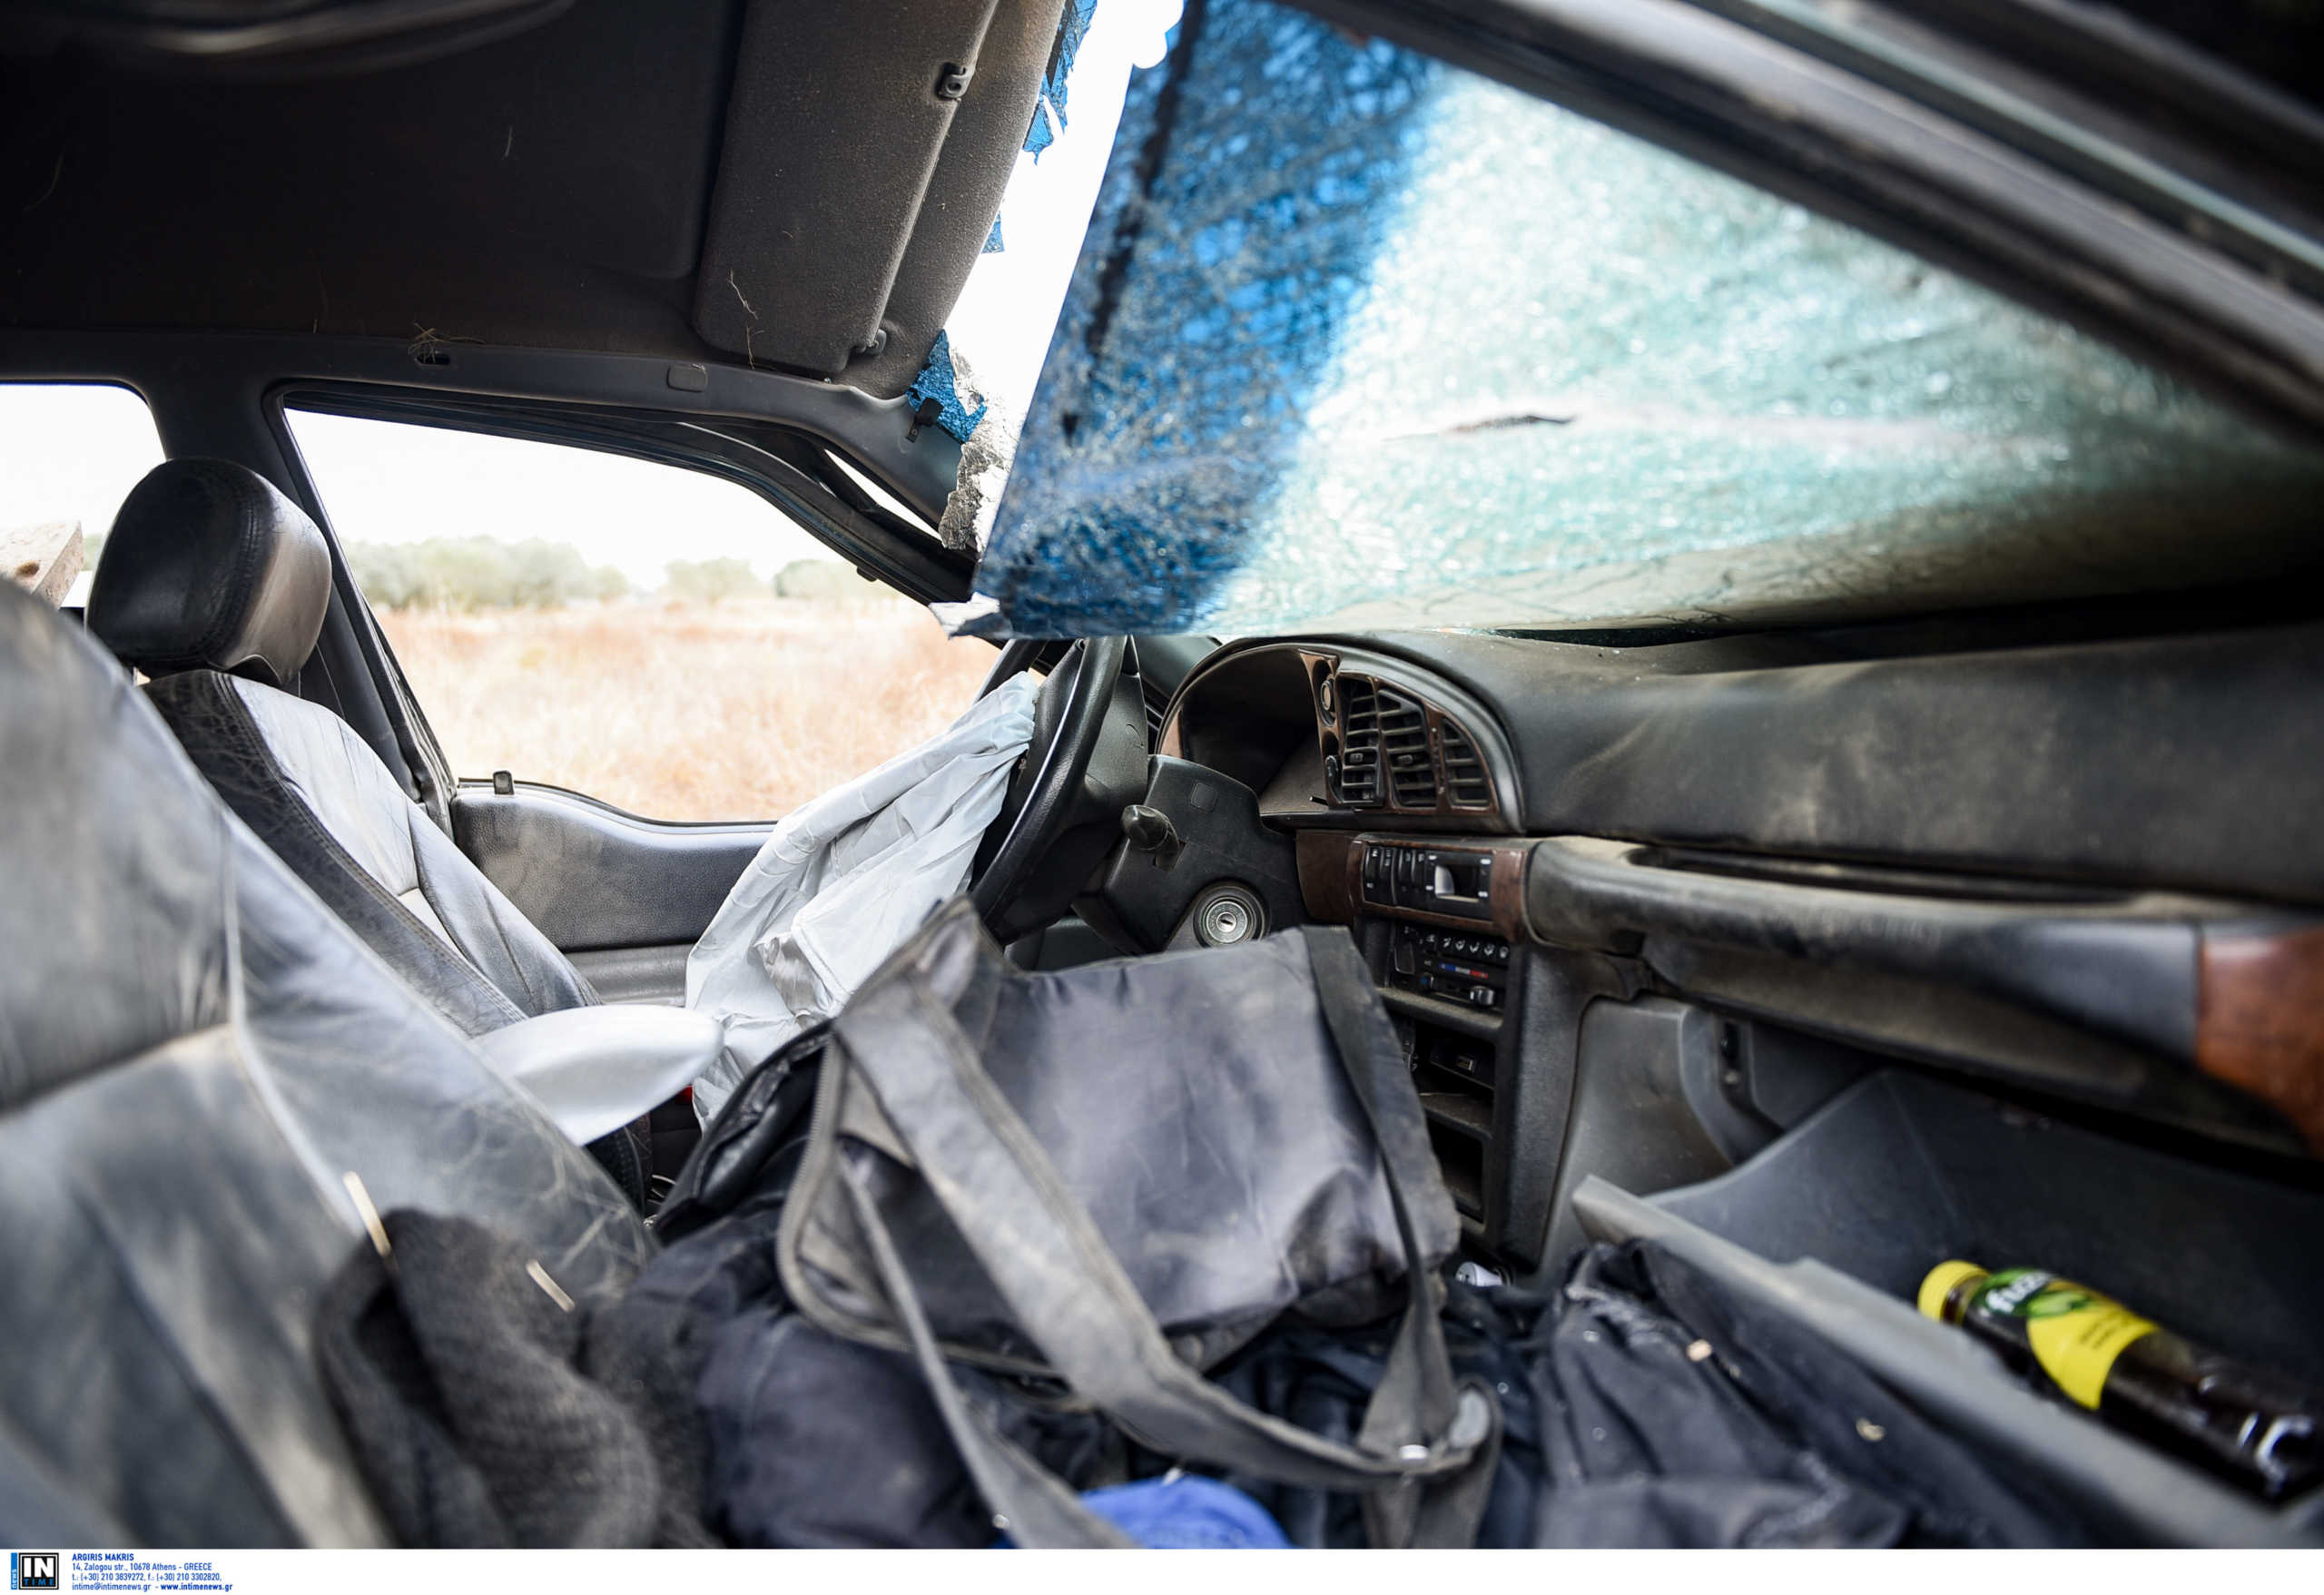 Χαλκιδική: Δύο νεκροί σε φοβερά τροχαία! Σκληρές εικόνες στα σημεία που σημειώθηκαν τα δυστυχήματα